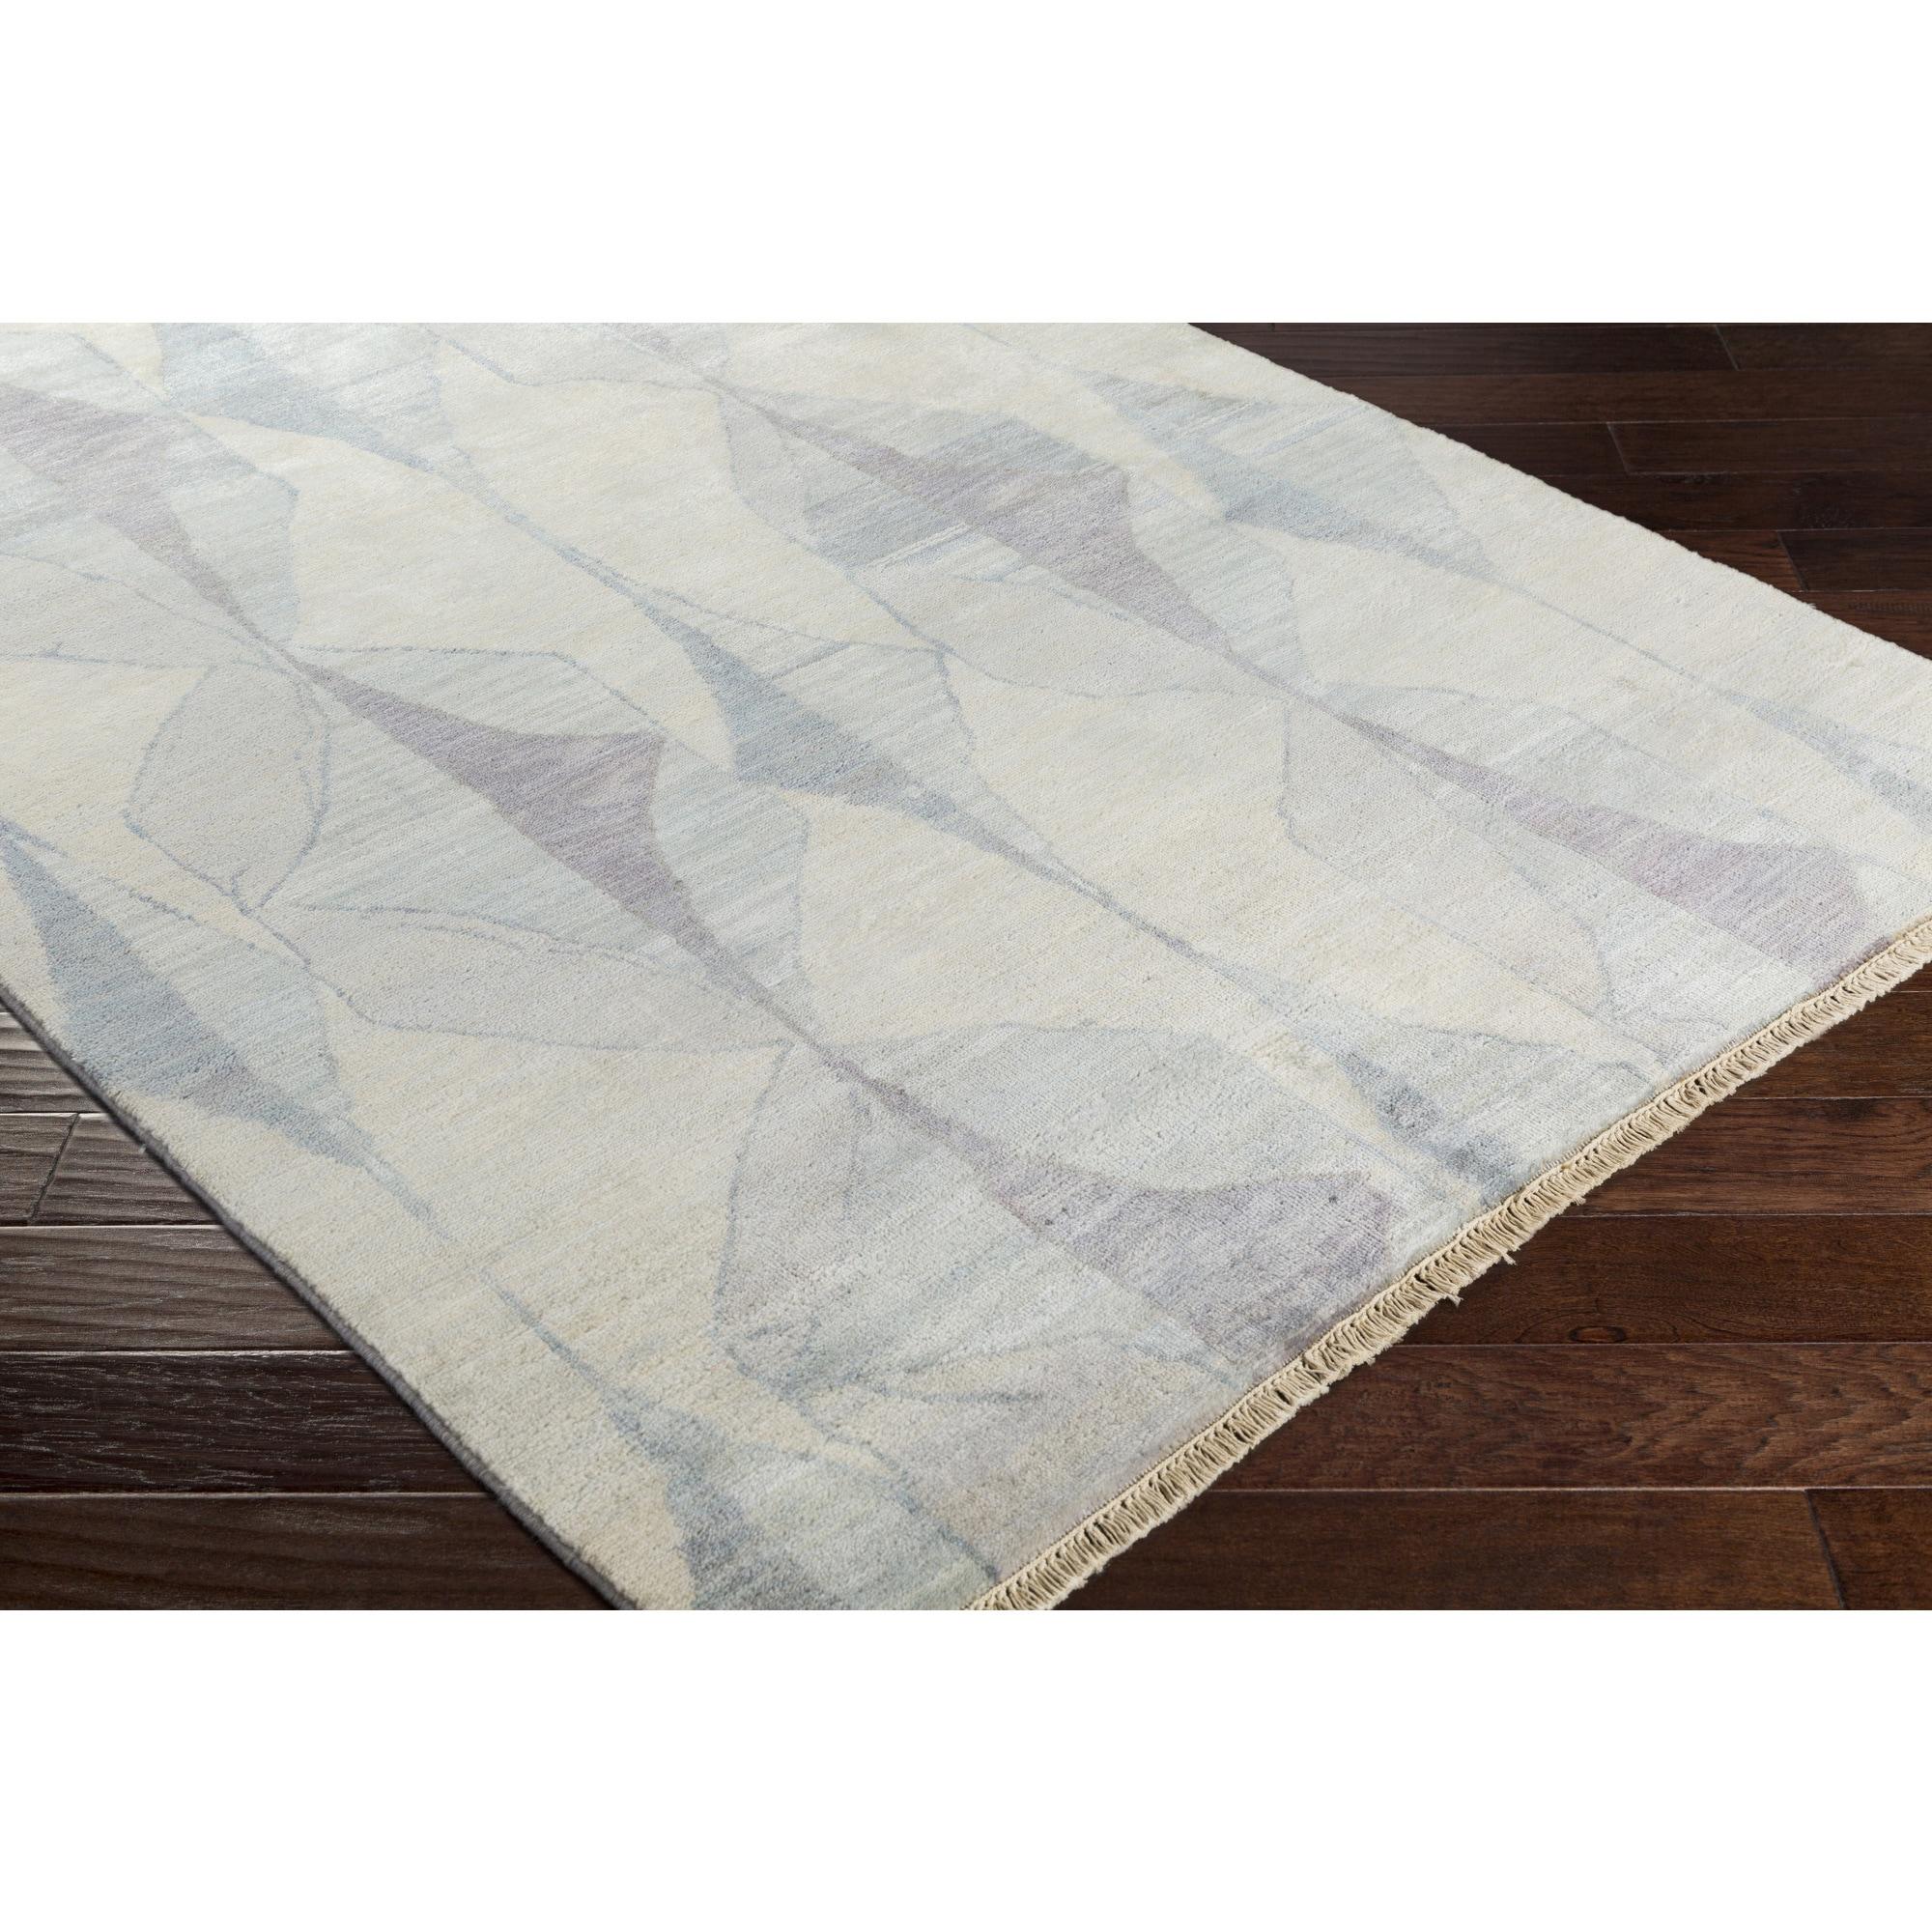 SURYA Hand-Knotted Burcham Wool Rug (6' x 9') (Cream (Ivo...